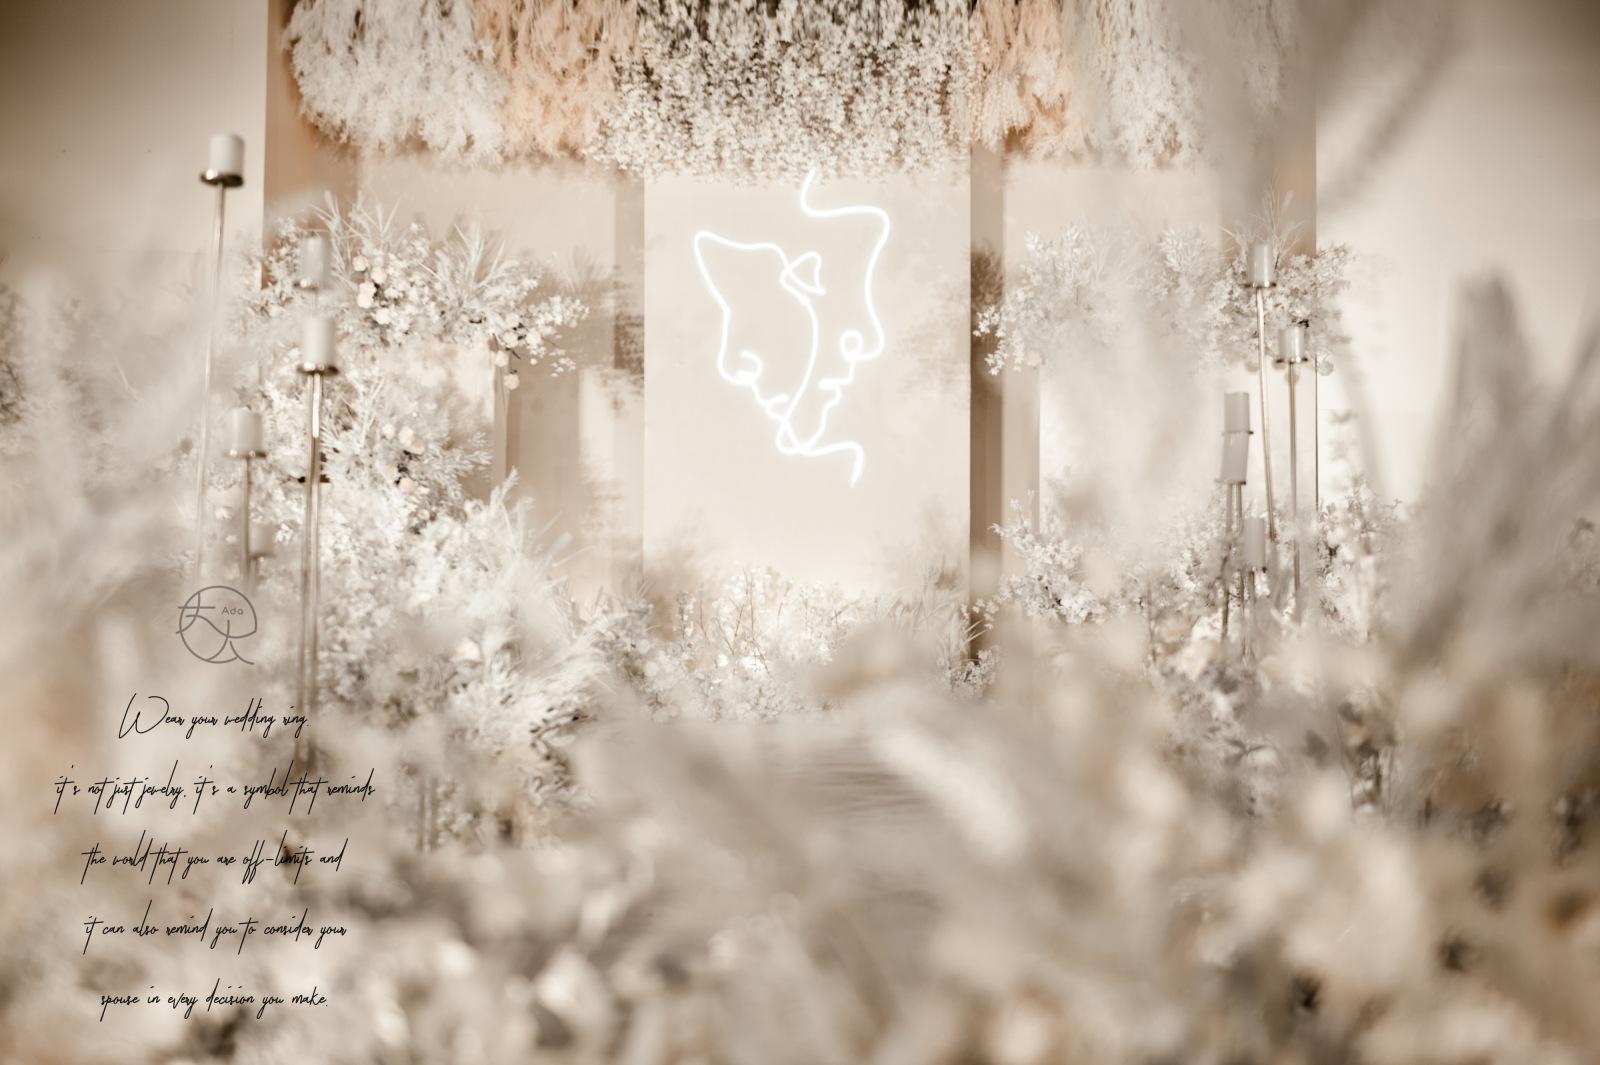 香槟色婚礼|Parallel-多么幸运在未来所有的风景都有你的背影如果还有更幸福的事那一定是看到未来一点点,过成最珍贵的回忆